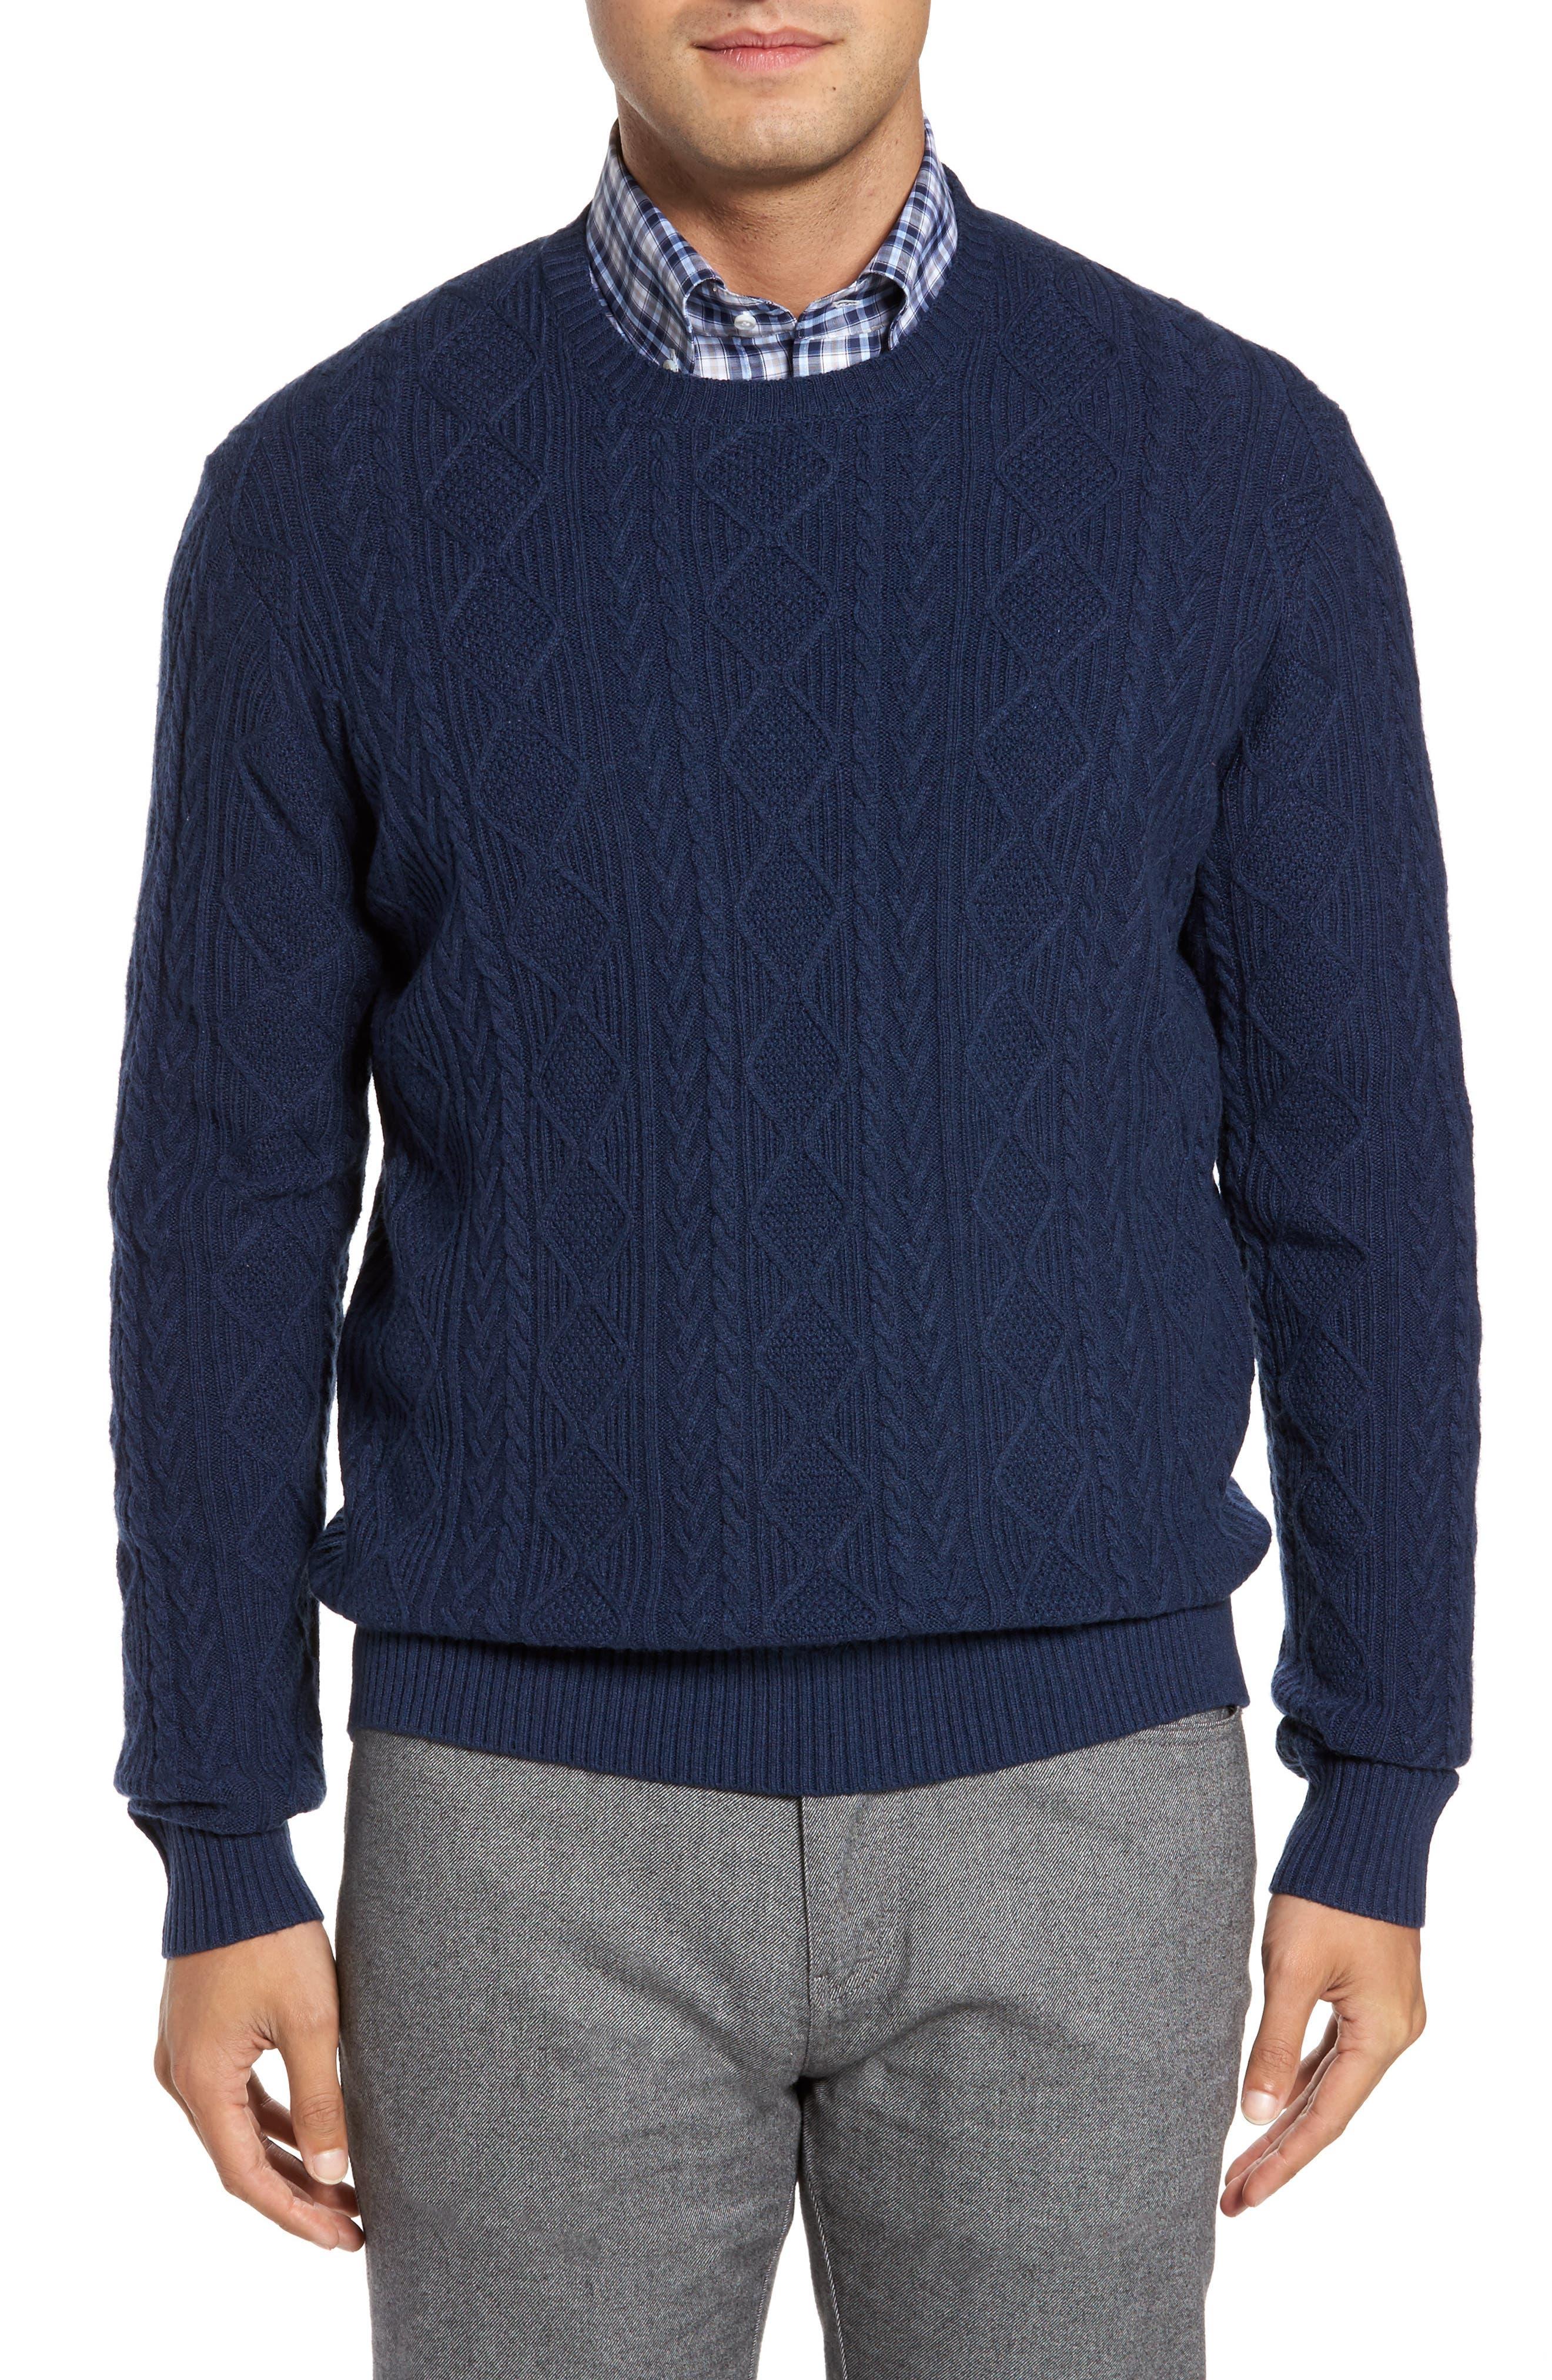 Main Image - Peter Millar Crown Wool Blend Fisherman Sweater